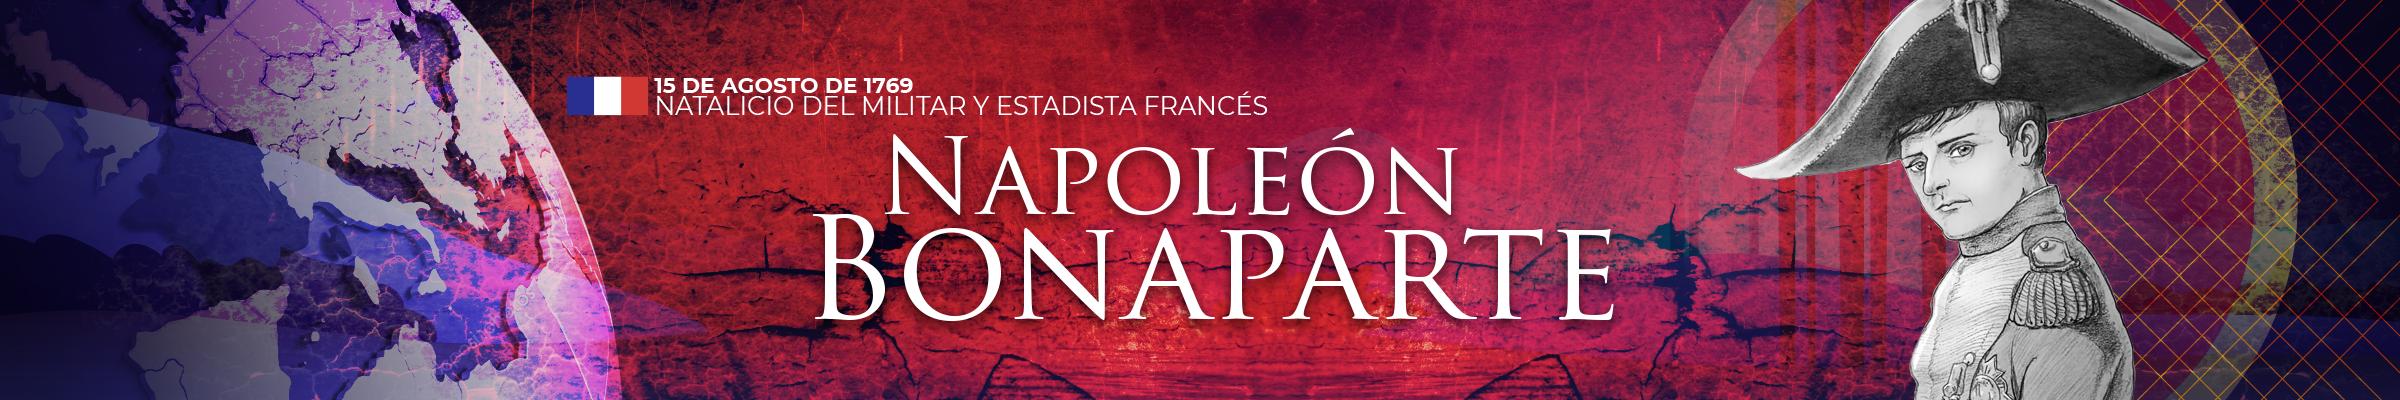 Ilustración de Napoleón Bonaparte